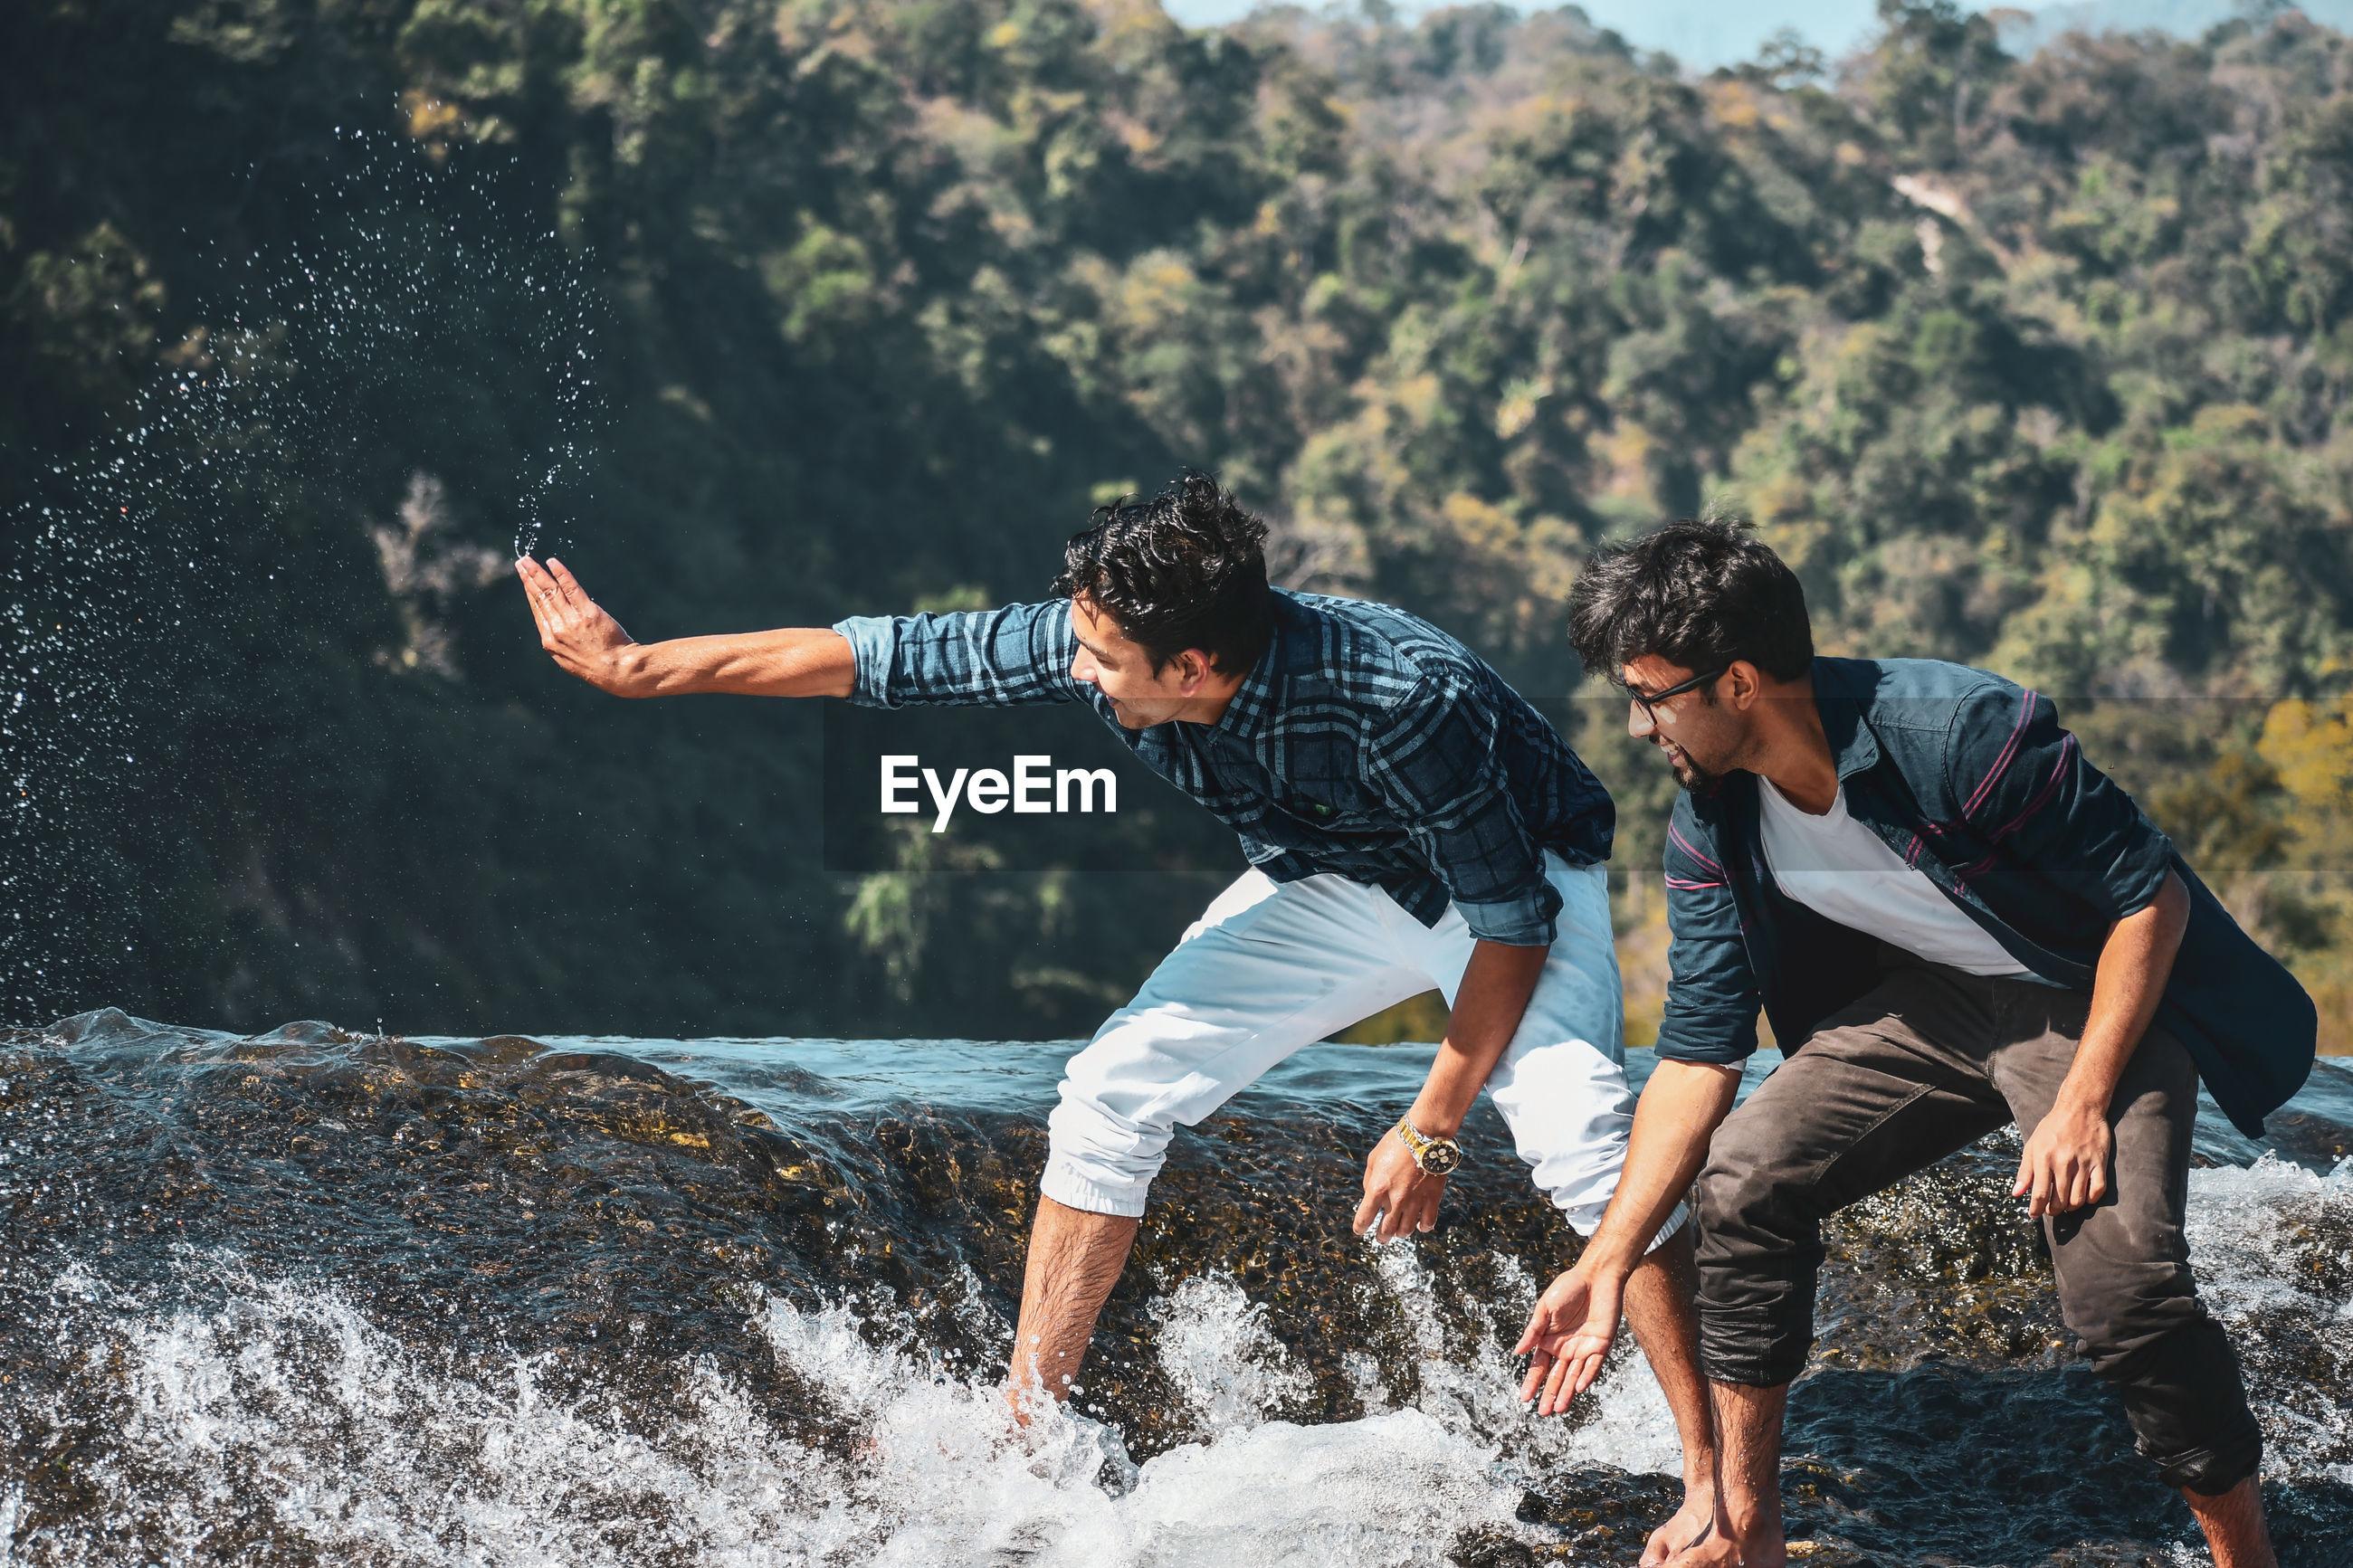 MEN PLAYING WITH WATER SPLASHING